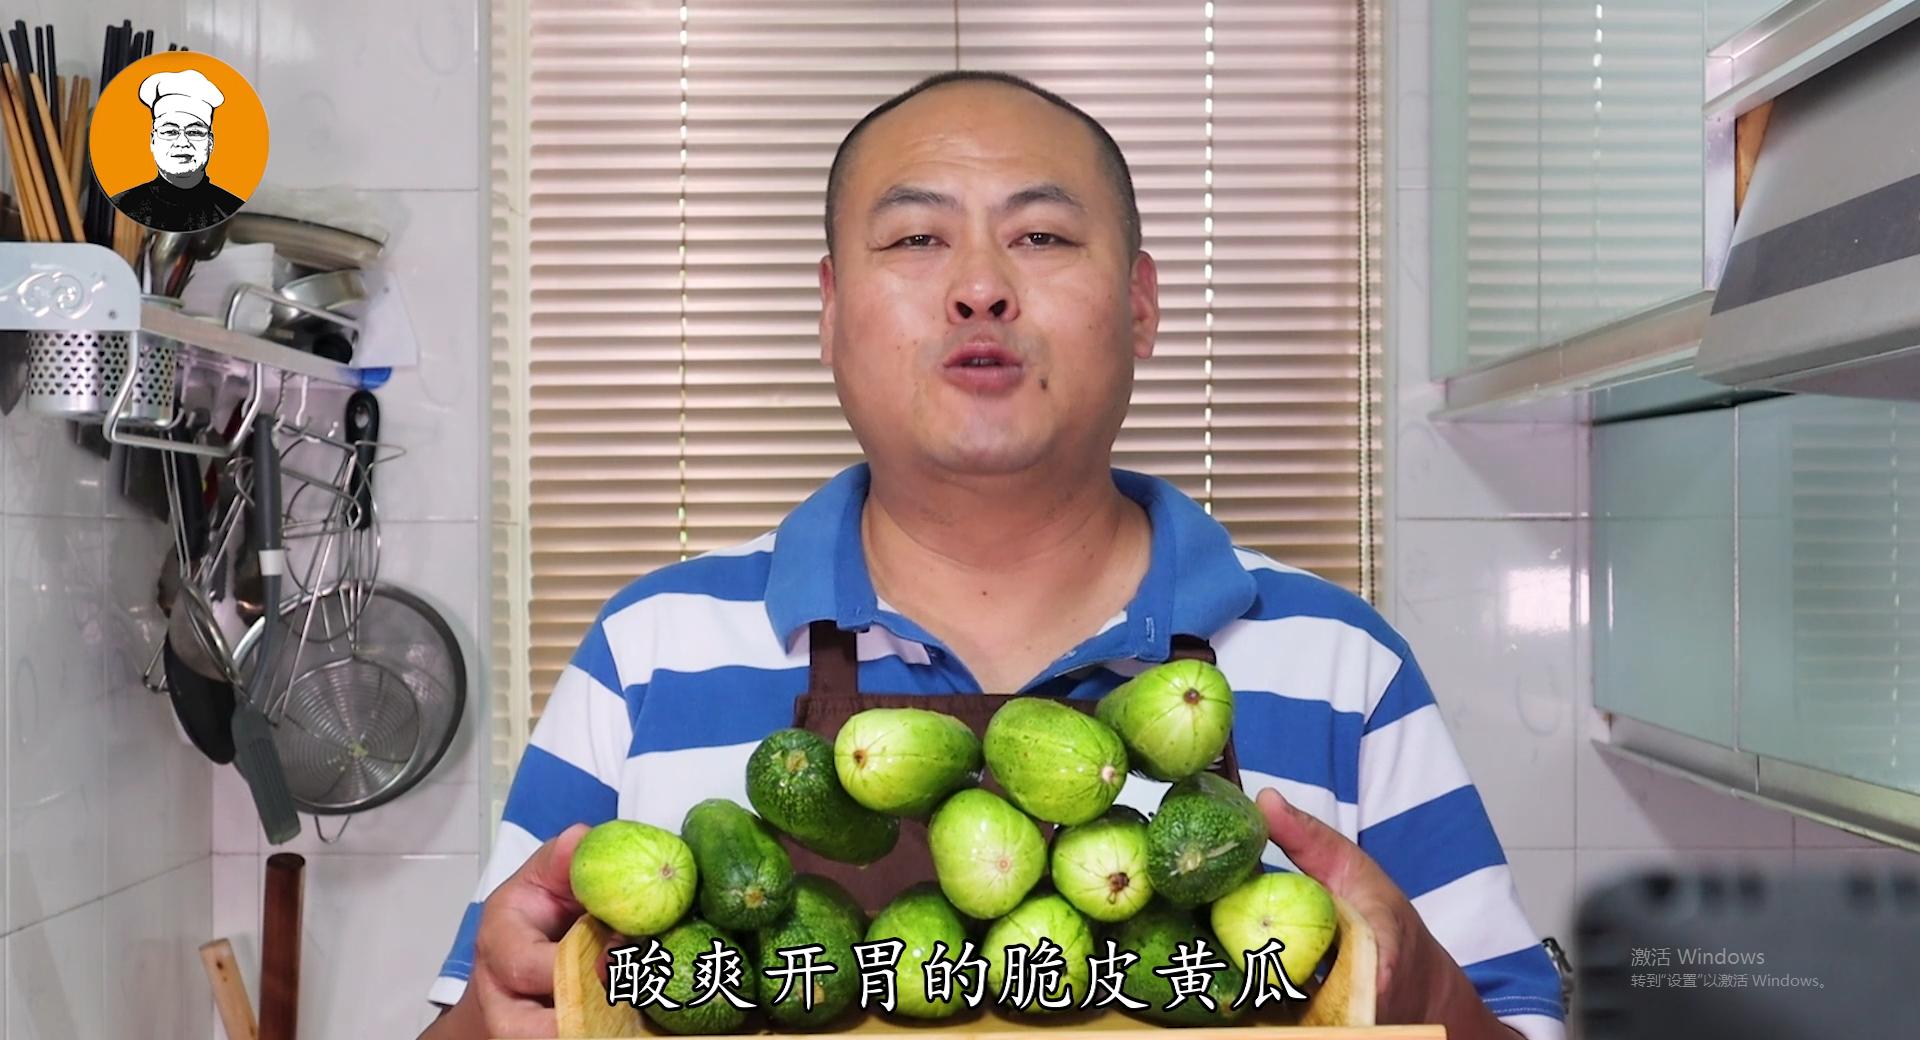 [怎样腌制黄瓜咸菜]20年腌黄瓜老方法,只需简单三步,酸爽又开胃,5斤不够吃